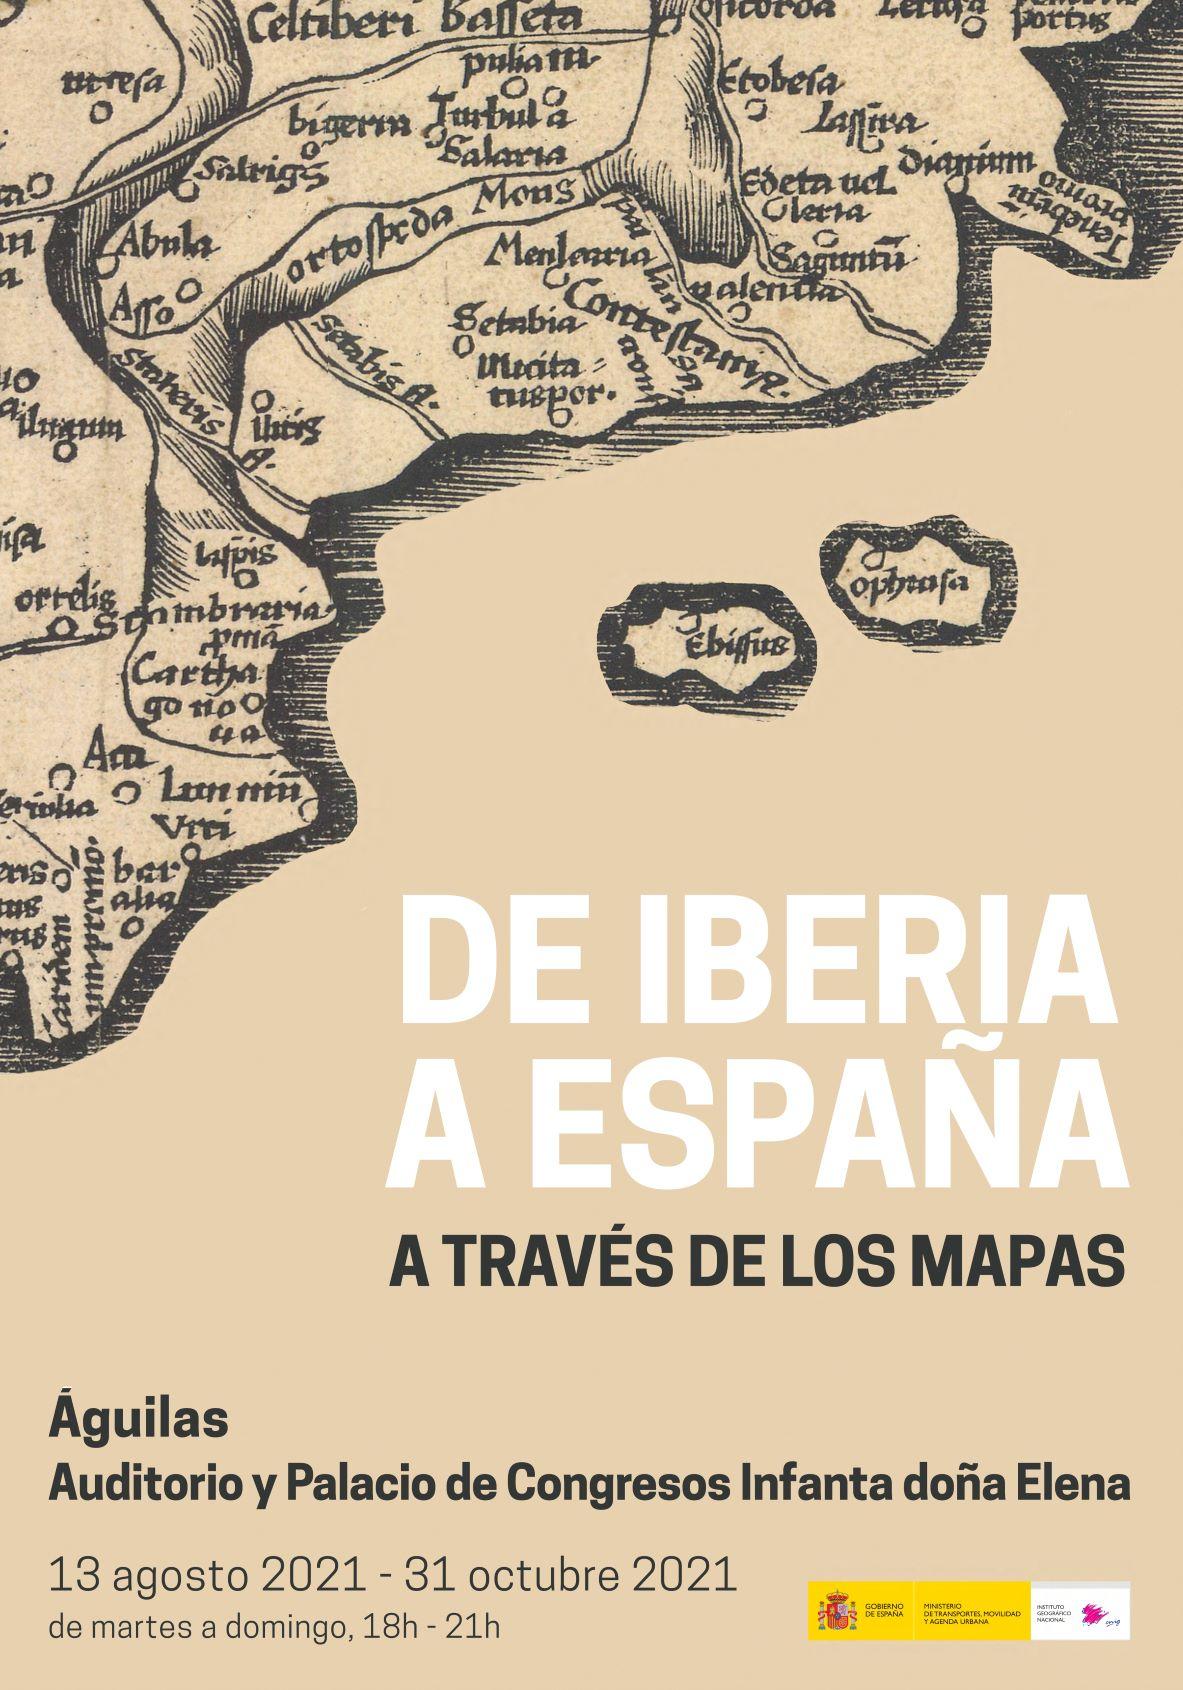 De Iberia a España a través de los mapas.